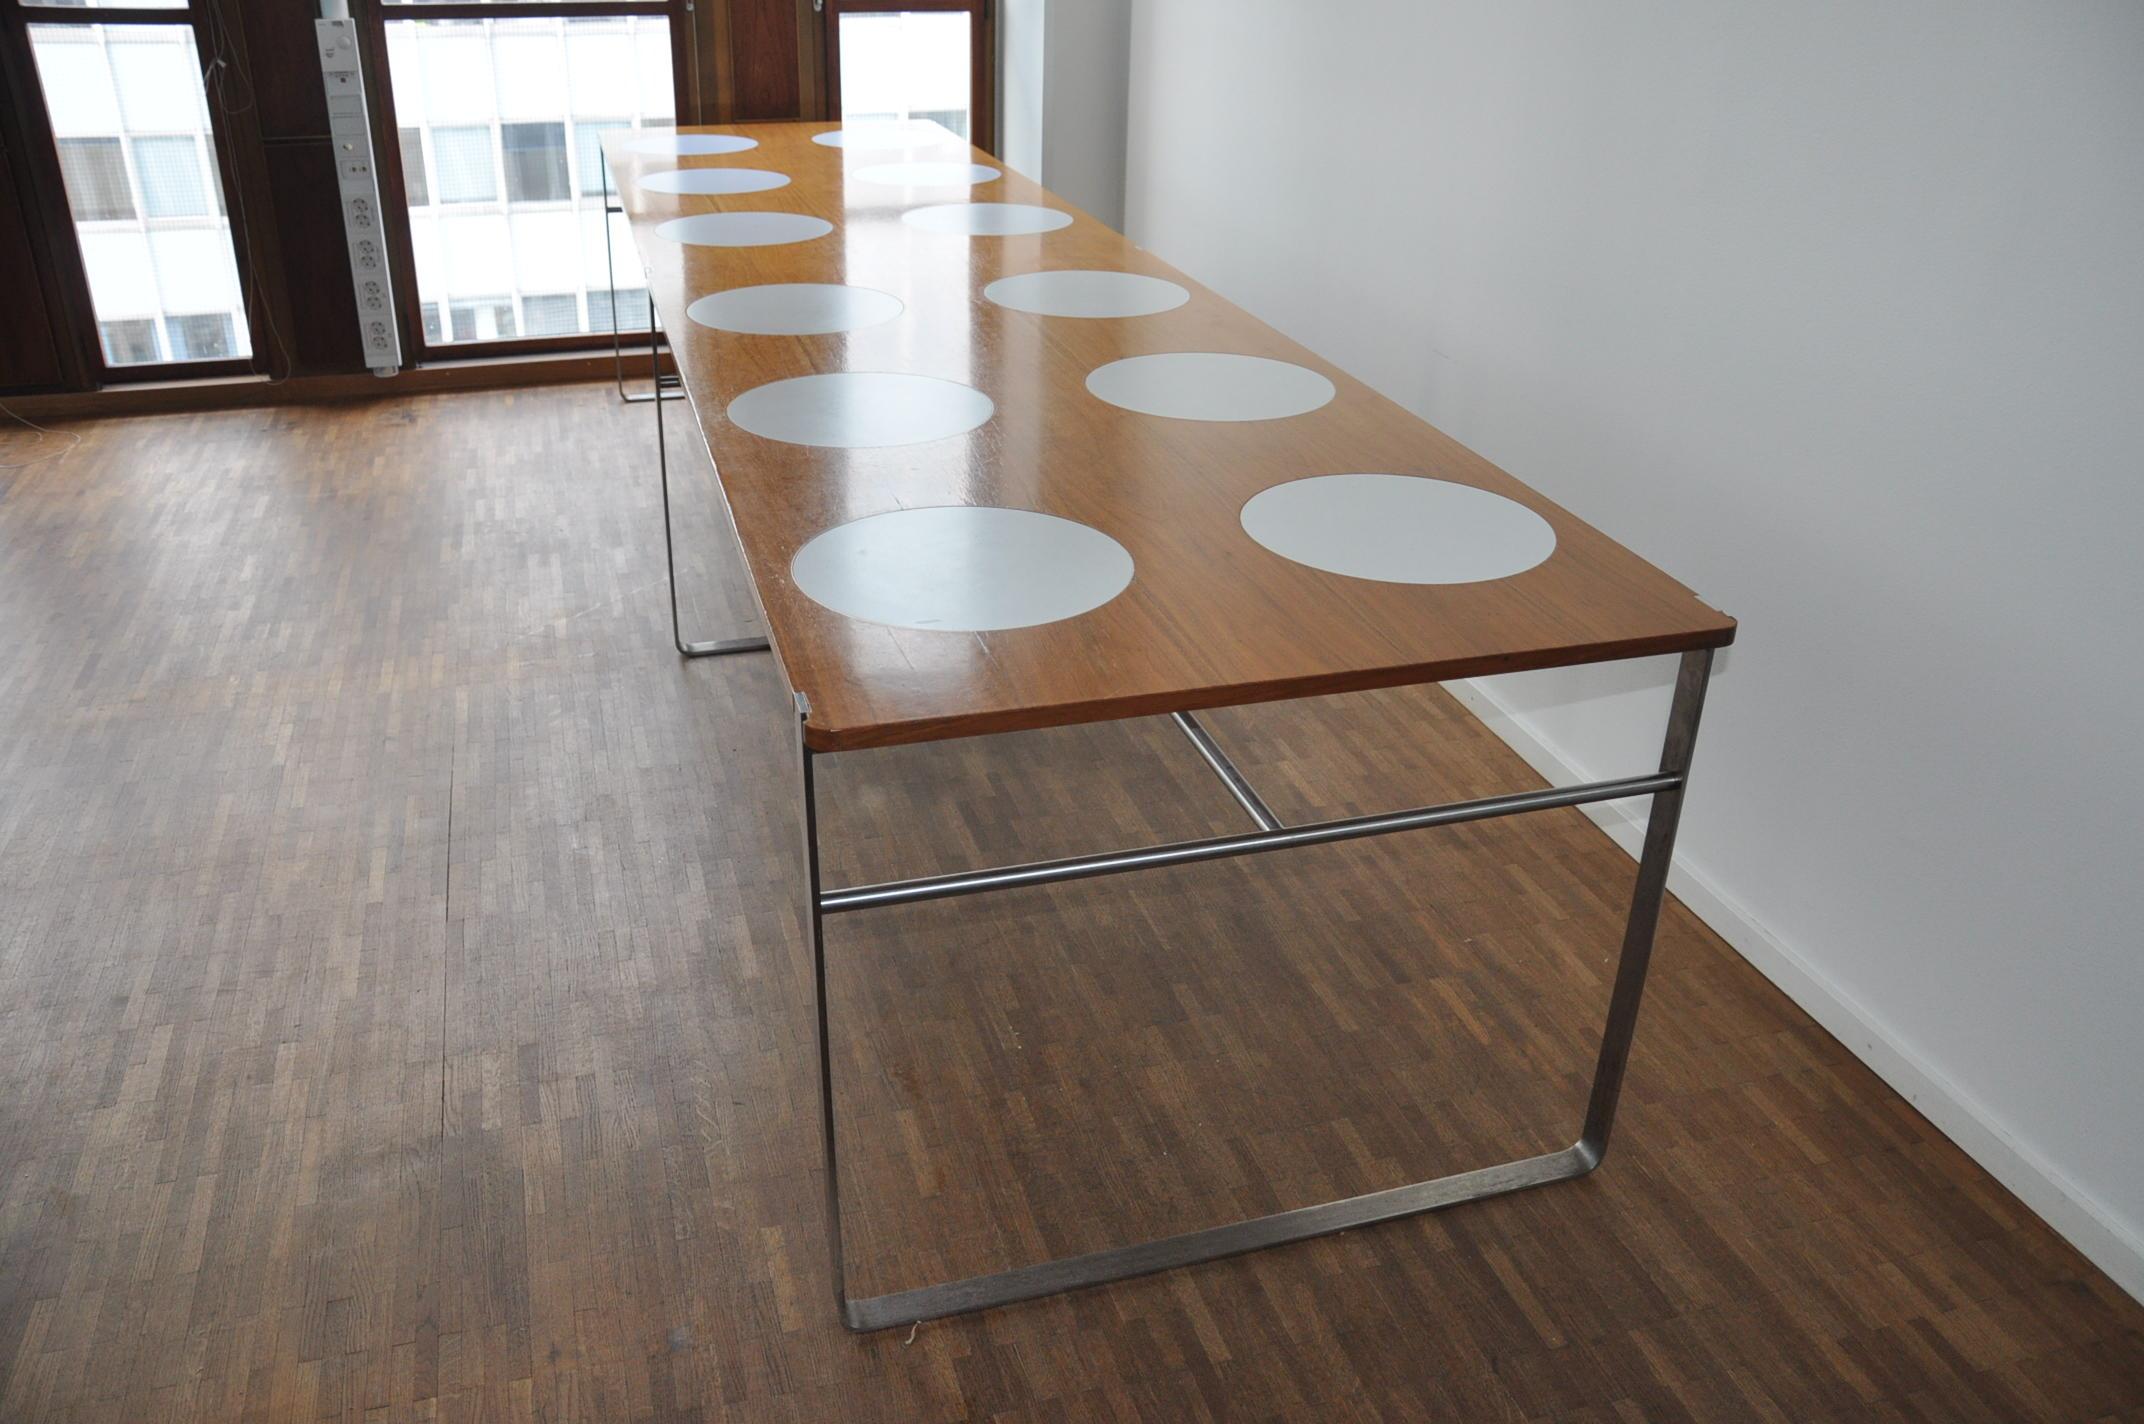 einzigartiger esstisch 360 cm f r 12 personen per s derberg gebraucht ist. Black Bedroom Furniture Sets. Home Design Ideas